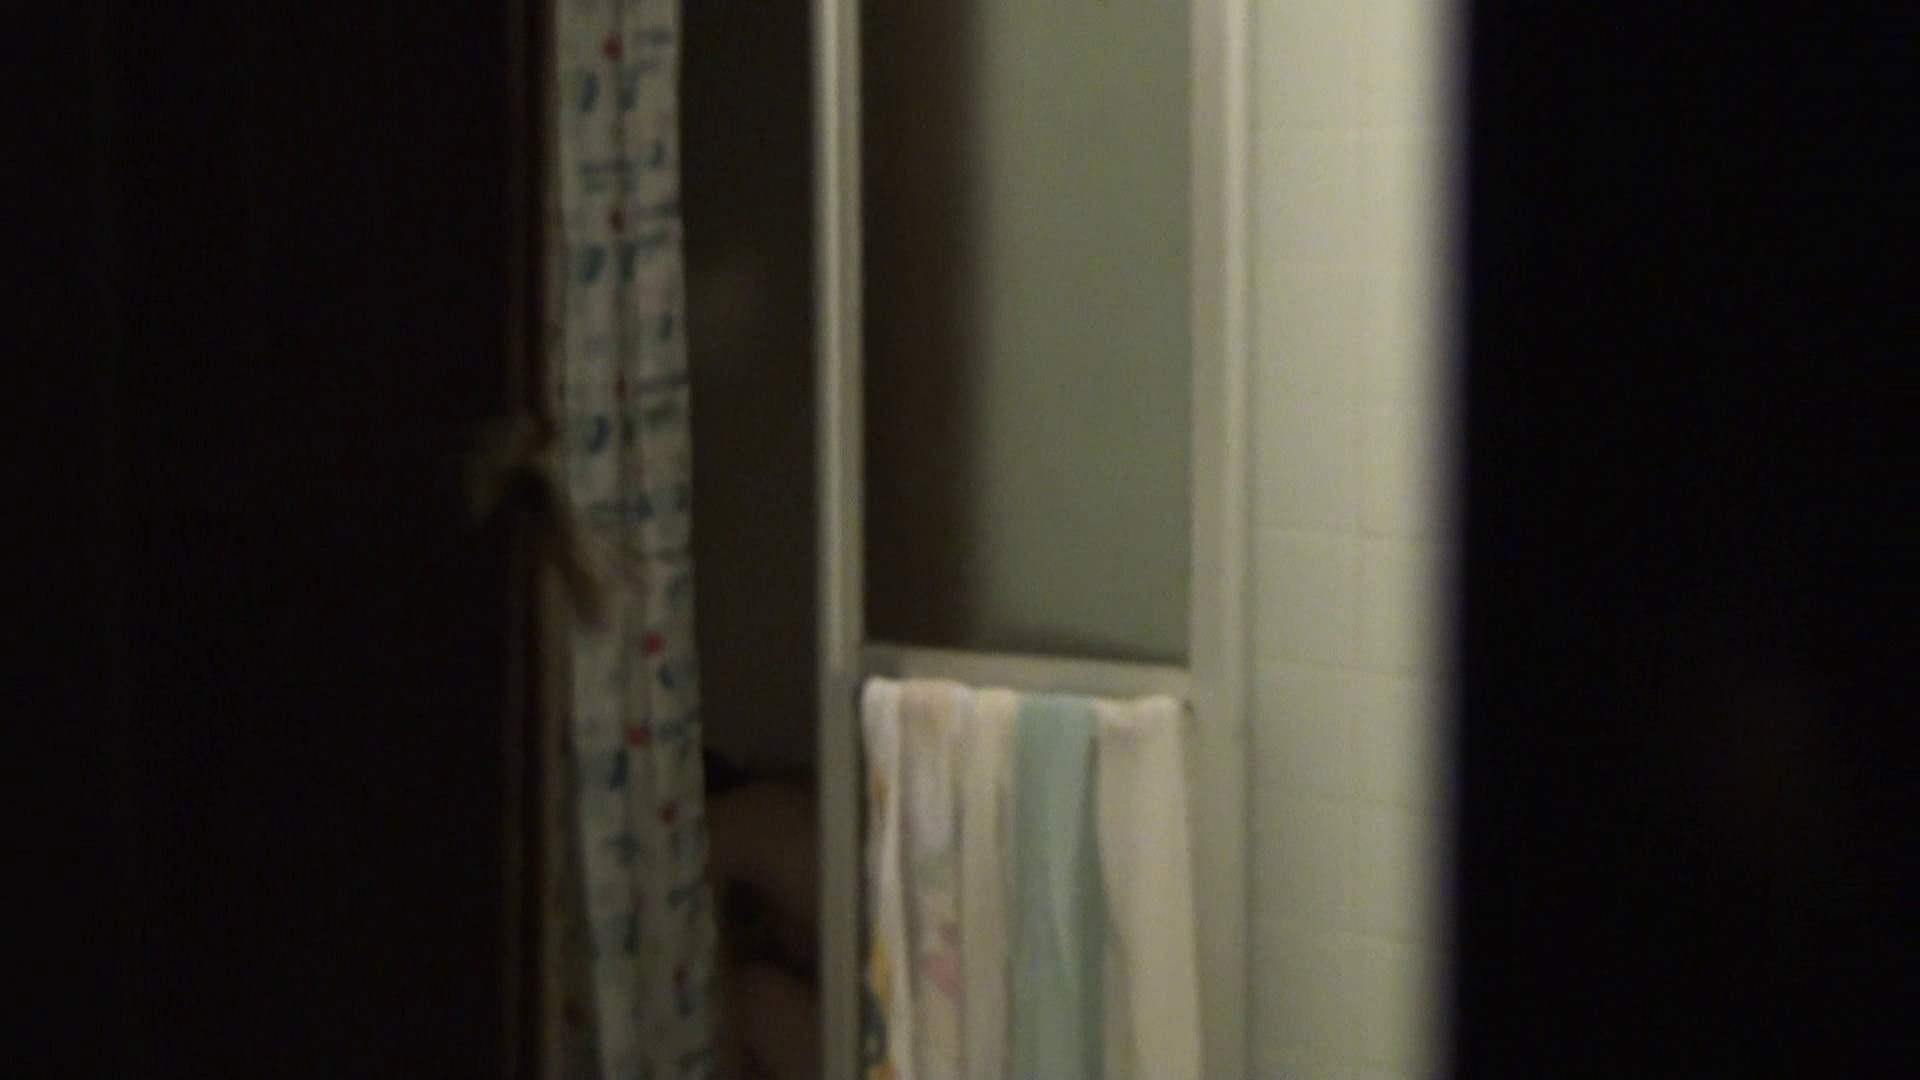 vol.06顔を洗い流す極上お女市さんの裸体をハイビジョンで!風呂上り着替え必見! 覗き おめこ無修正画像 84pic 70